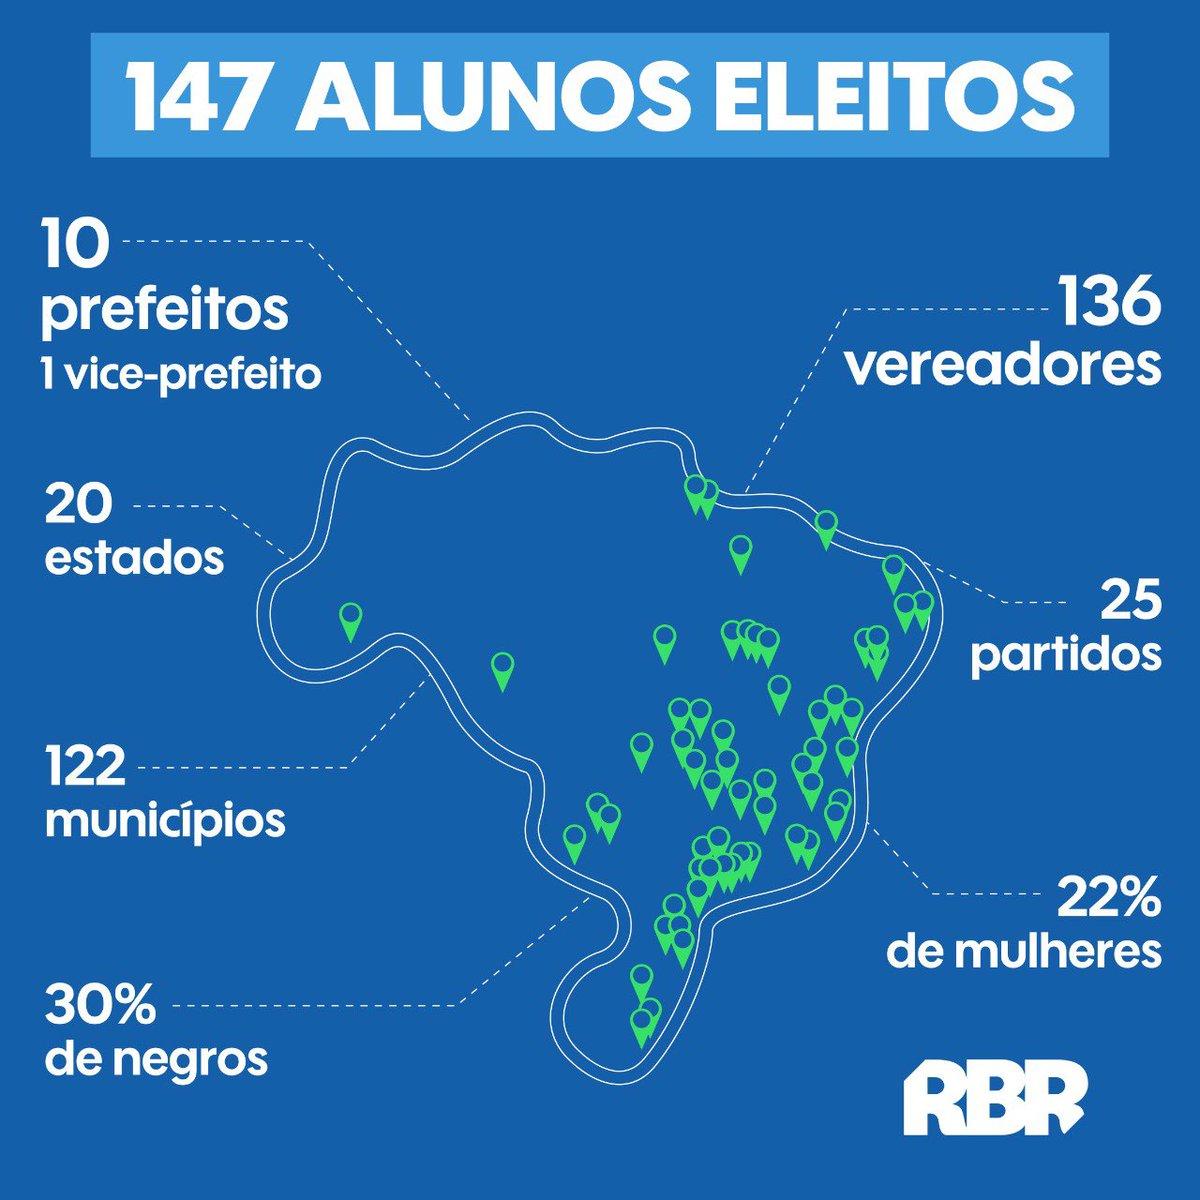 Enorme contribuição a qualificação do debate publico no Brasil. Enorme contribuição a renovação politica e formação de novas lideranças. Parabéns a todos envolvidos no @RenovaBR. Foram 47 mil inscritos, 1960 alunos, 1032 candidatos & mais de 140 eleitos. 👏🏻